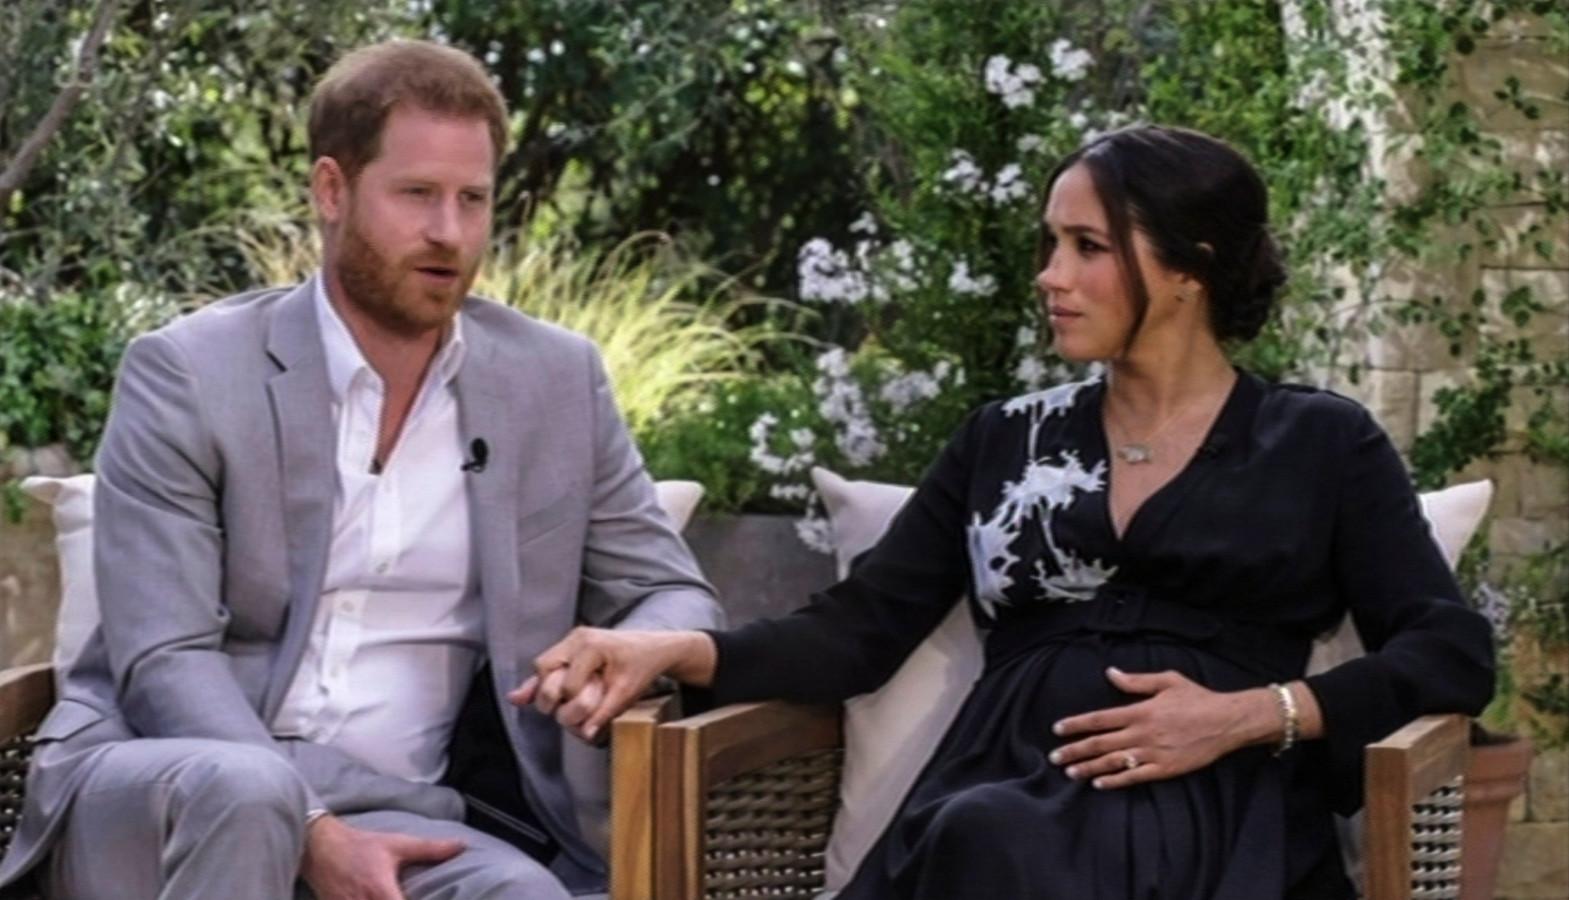 Harry en Meghan tijdens hun interview met Oprah Winfrey.